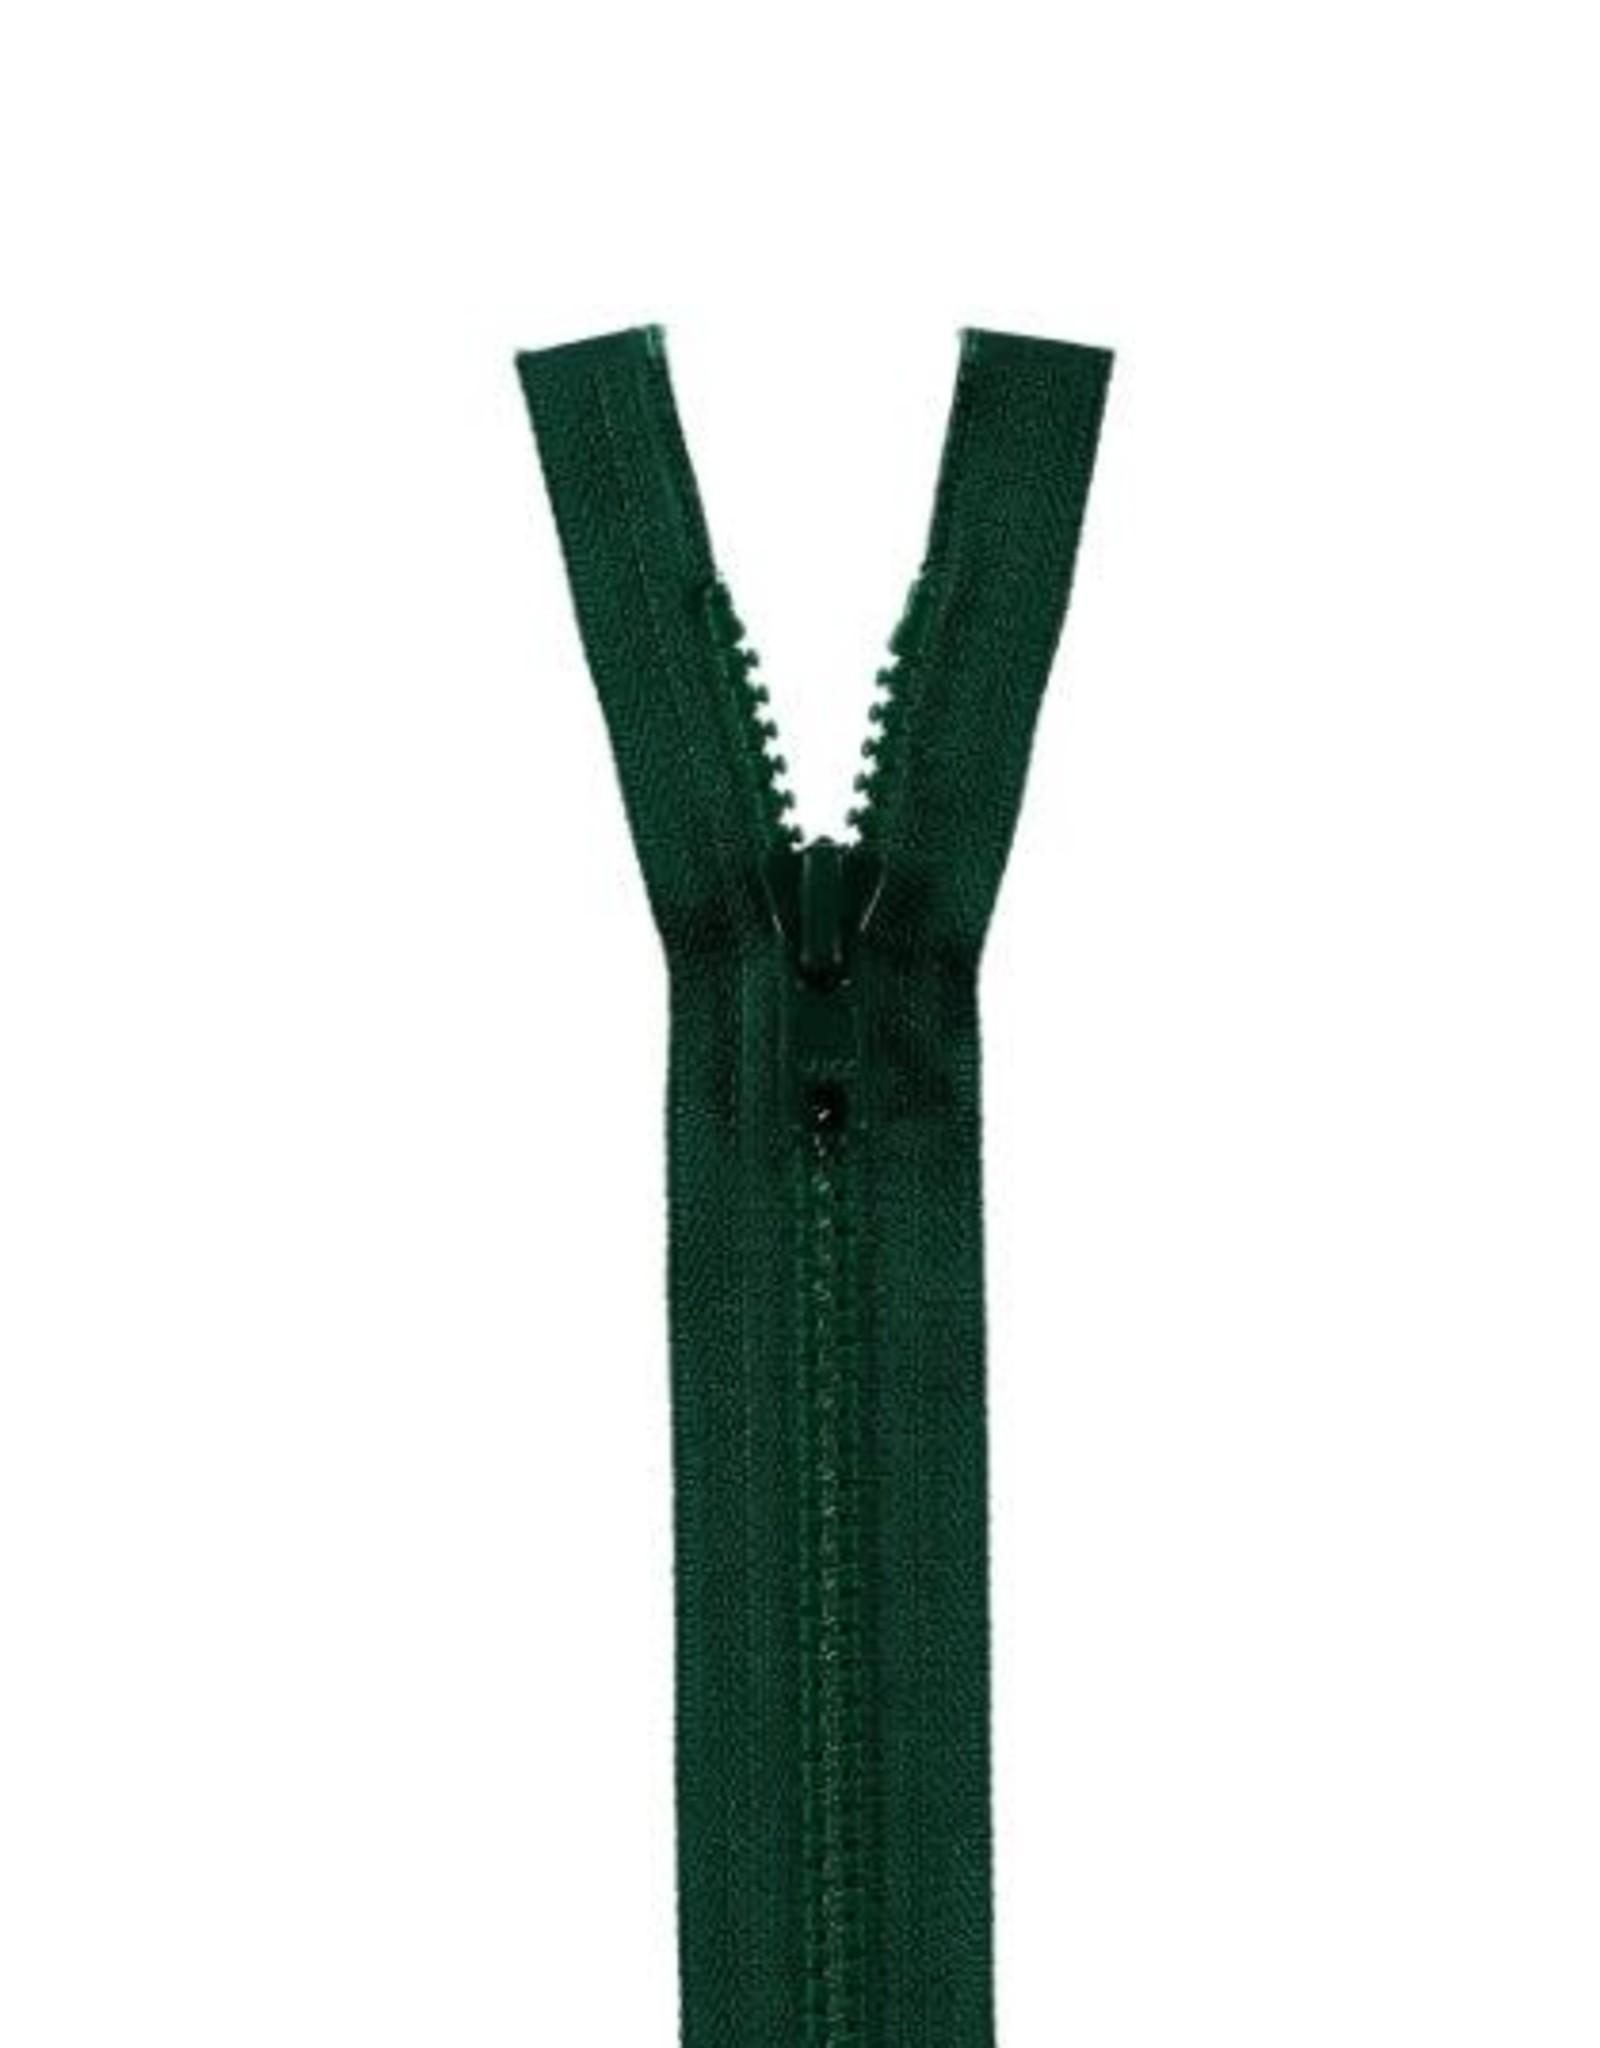 YKK BLOKRITS 5 DEELBAAR d. groen 890-45cm